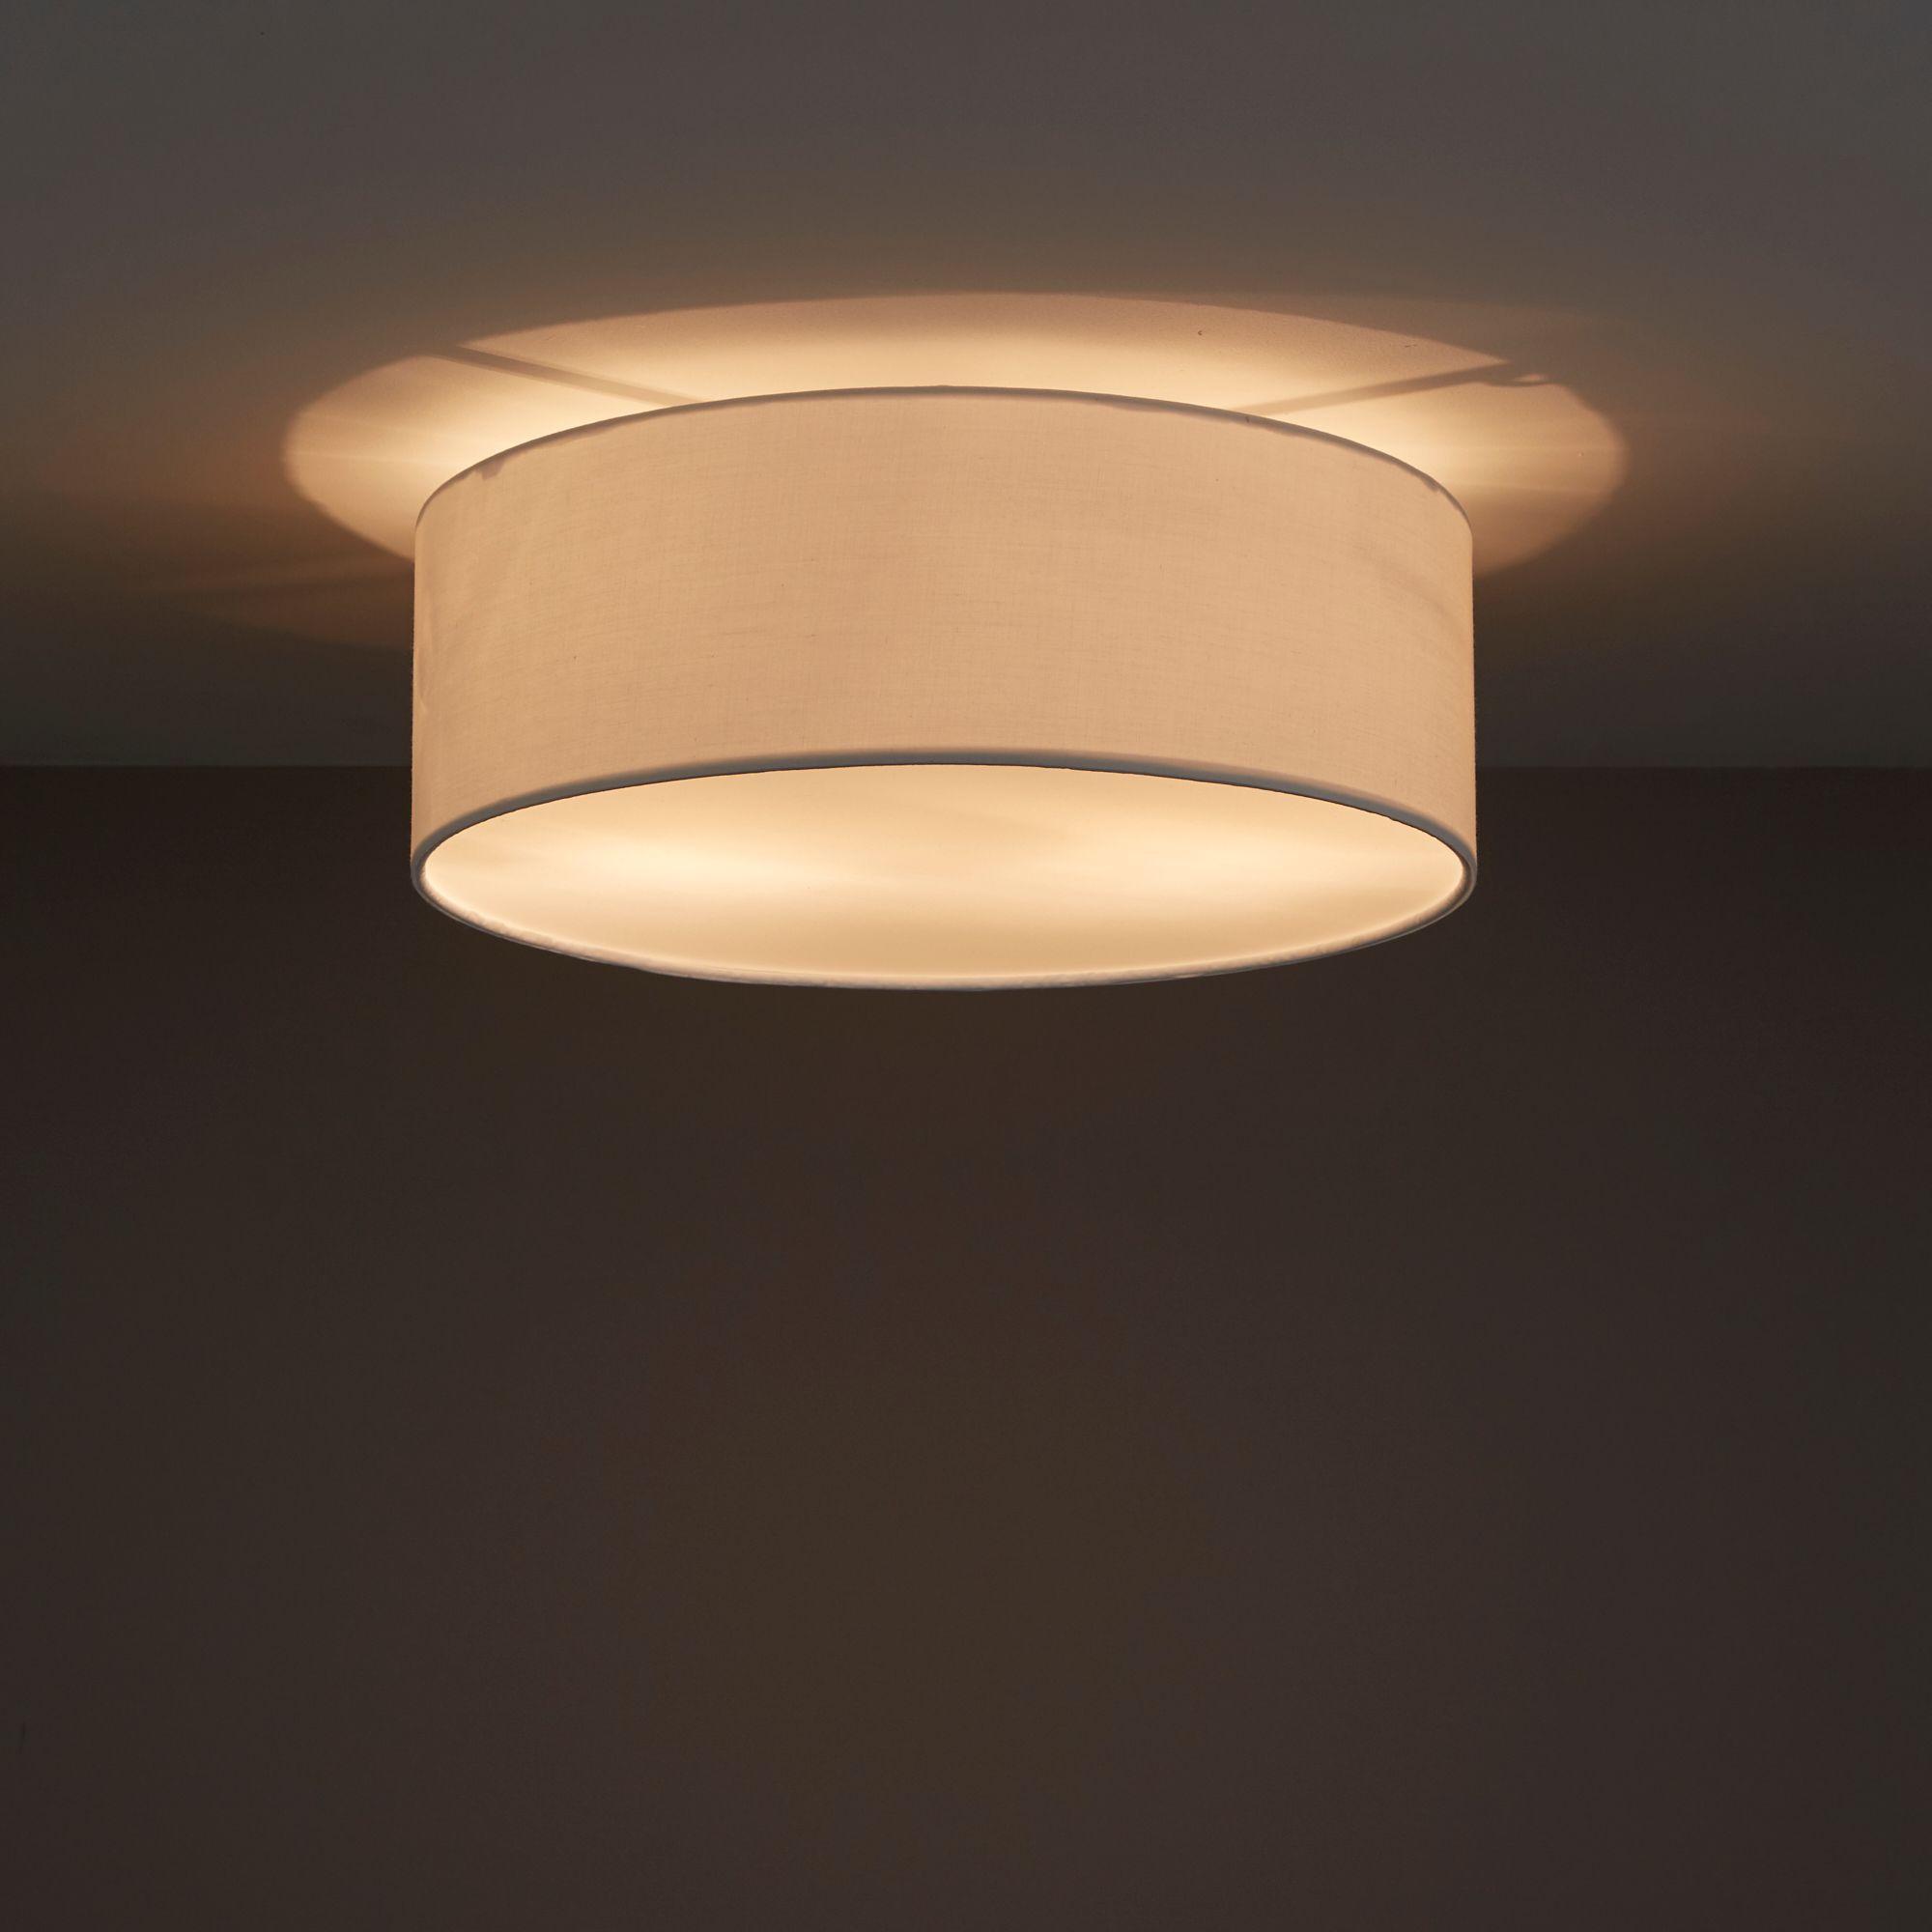 Soranus Cream 2 Lamp Ceiling Light Departments Diy At B Q Installing Recessed Lighting Ceiling Lights Diy Ceiling Lights